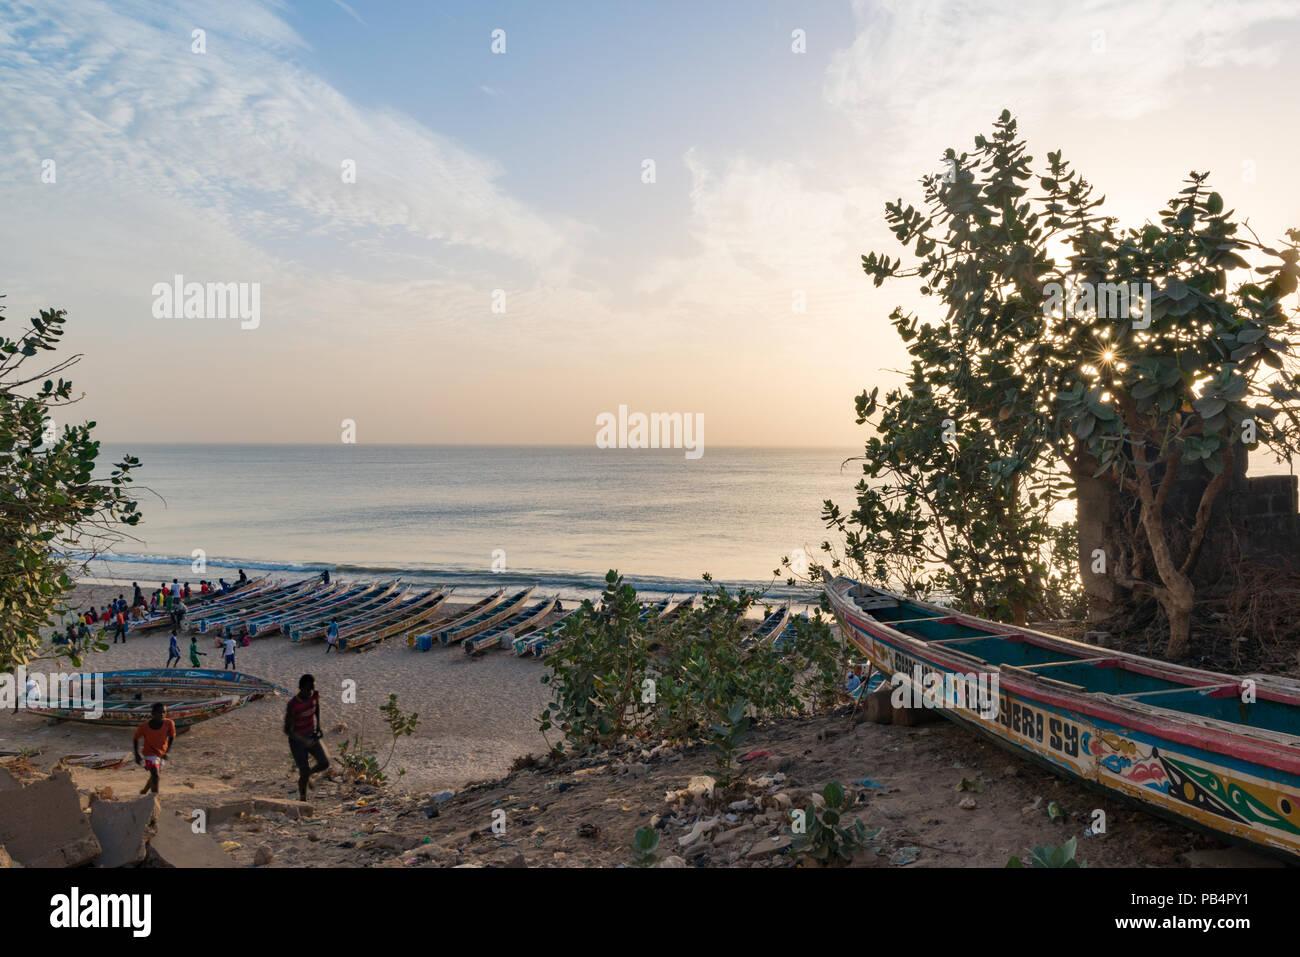 La spiaggia di Toubab Dialao, Senegal Immagini Stock